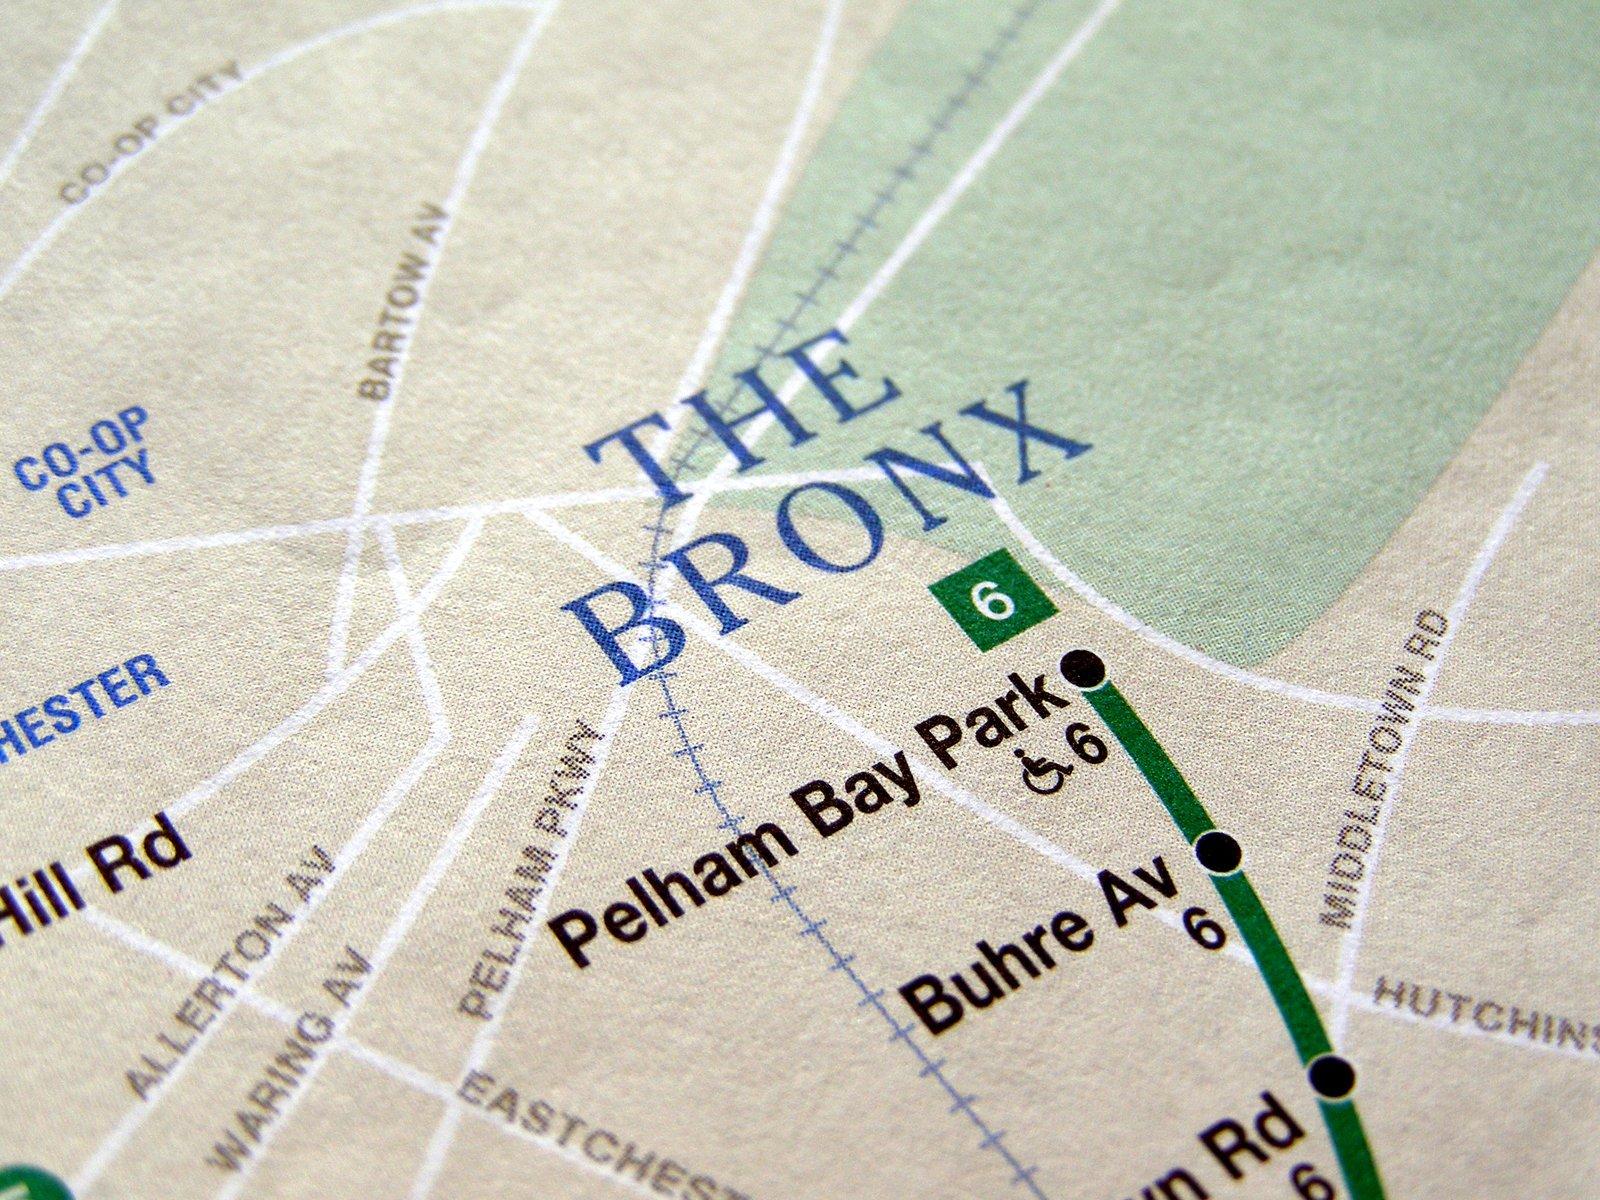 Harding Park Bronx, NY Private Investigator